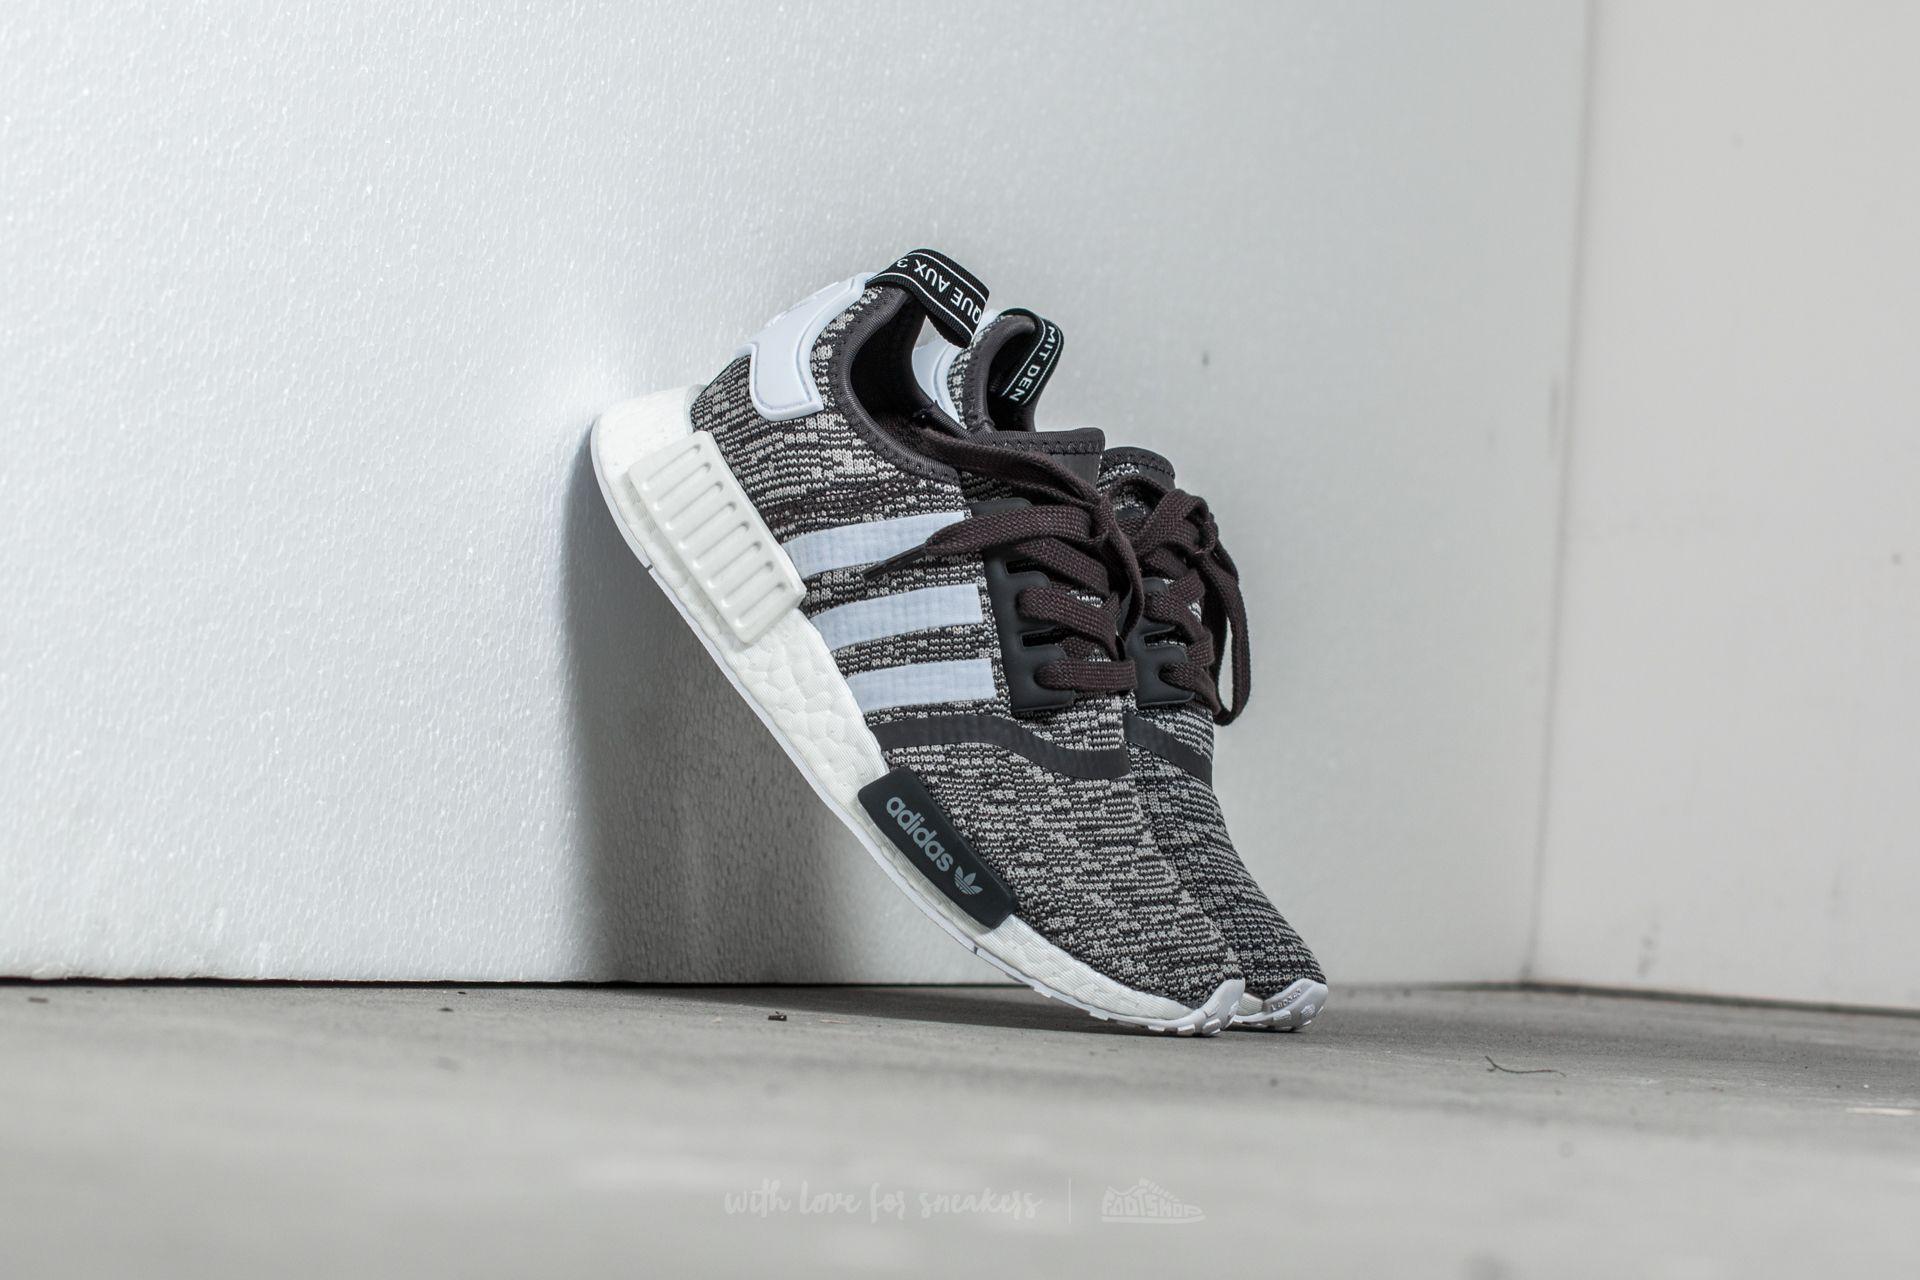 adidas NMD_R1 W Utility Black Ftw White Medium Grey Heather Solid Grey | Footshop